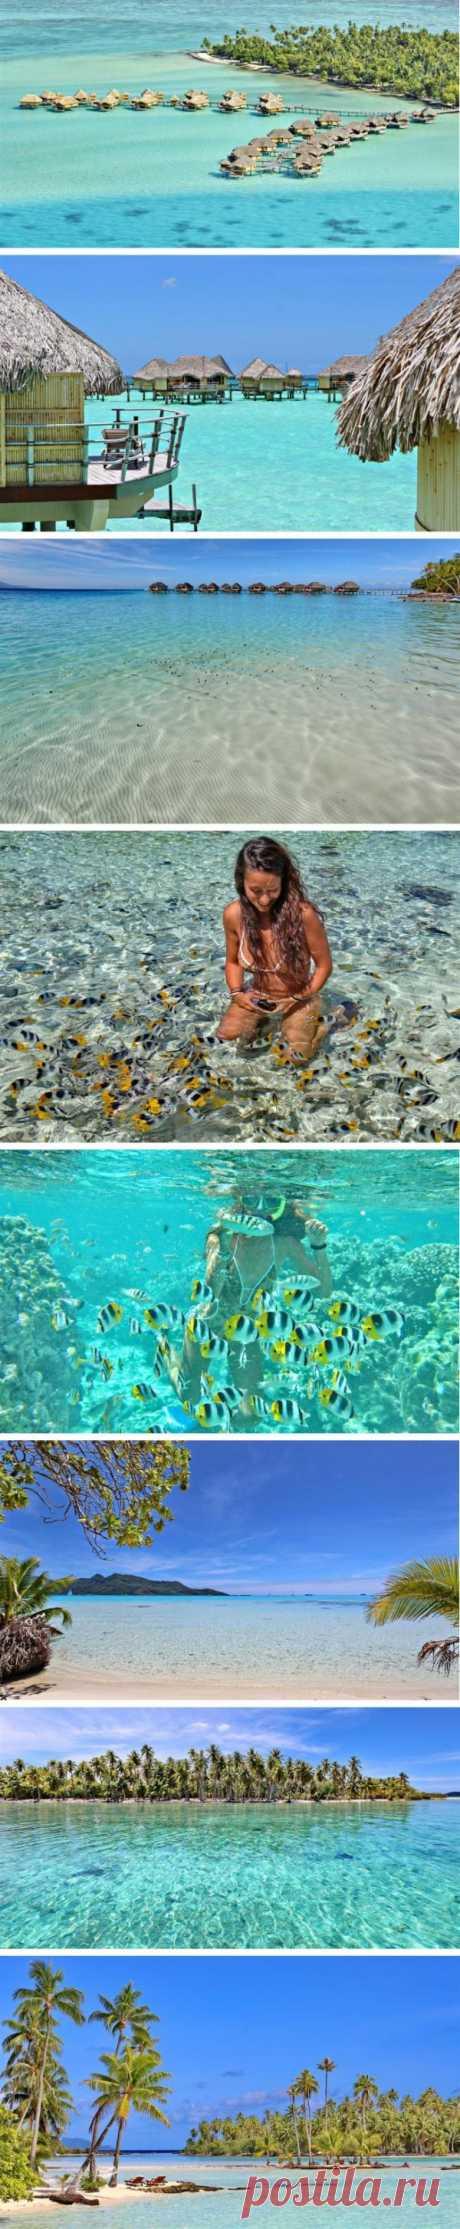 Allí, donde siempre el verano. La isla de la vainilla, la Polinesia francesa